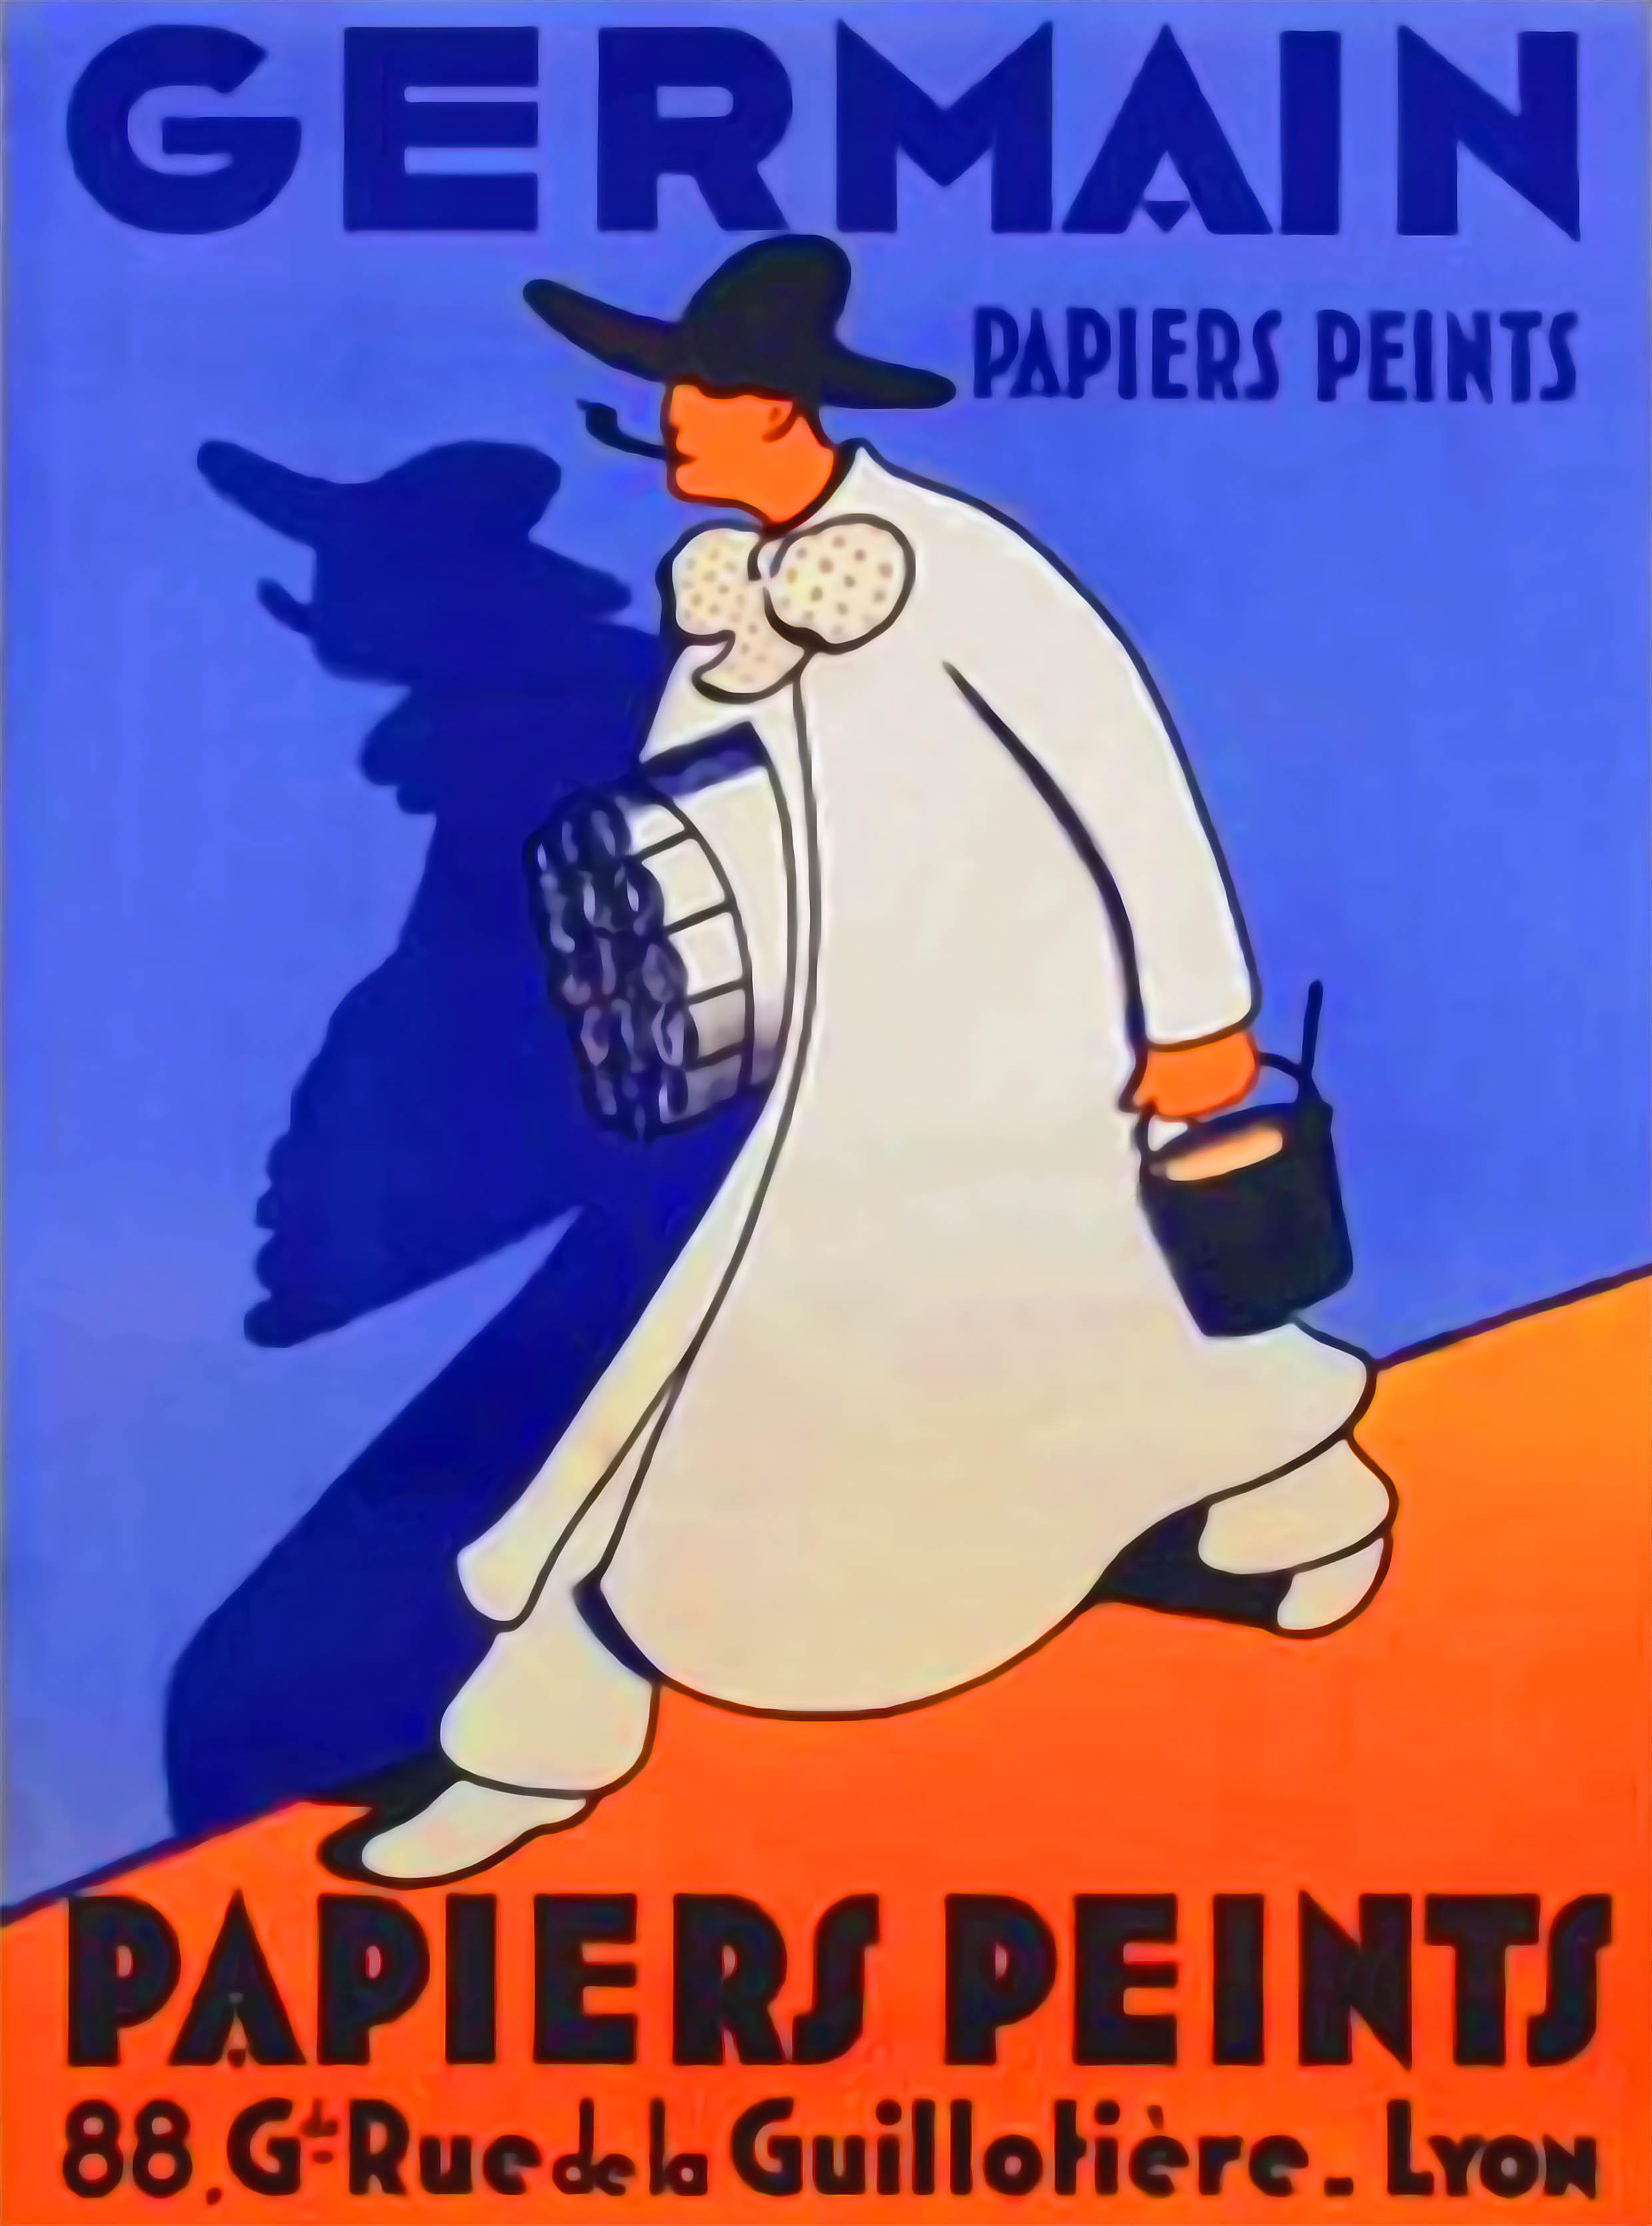 Affiche Papiers Peints Germain Carron Lyon